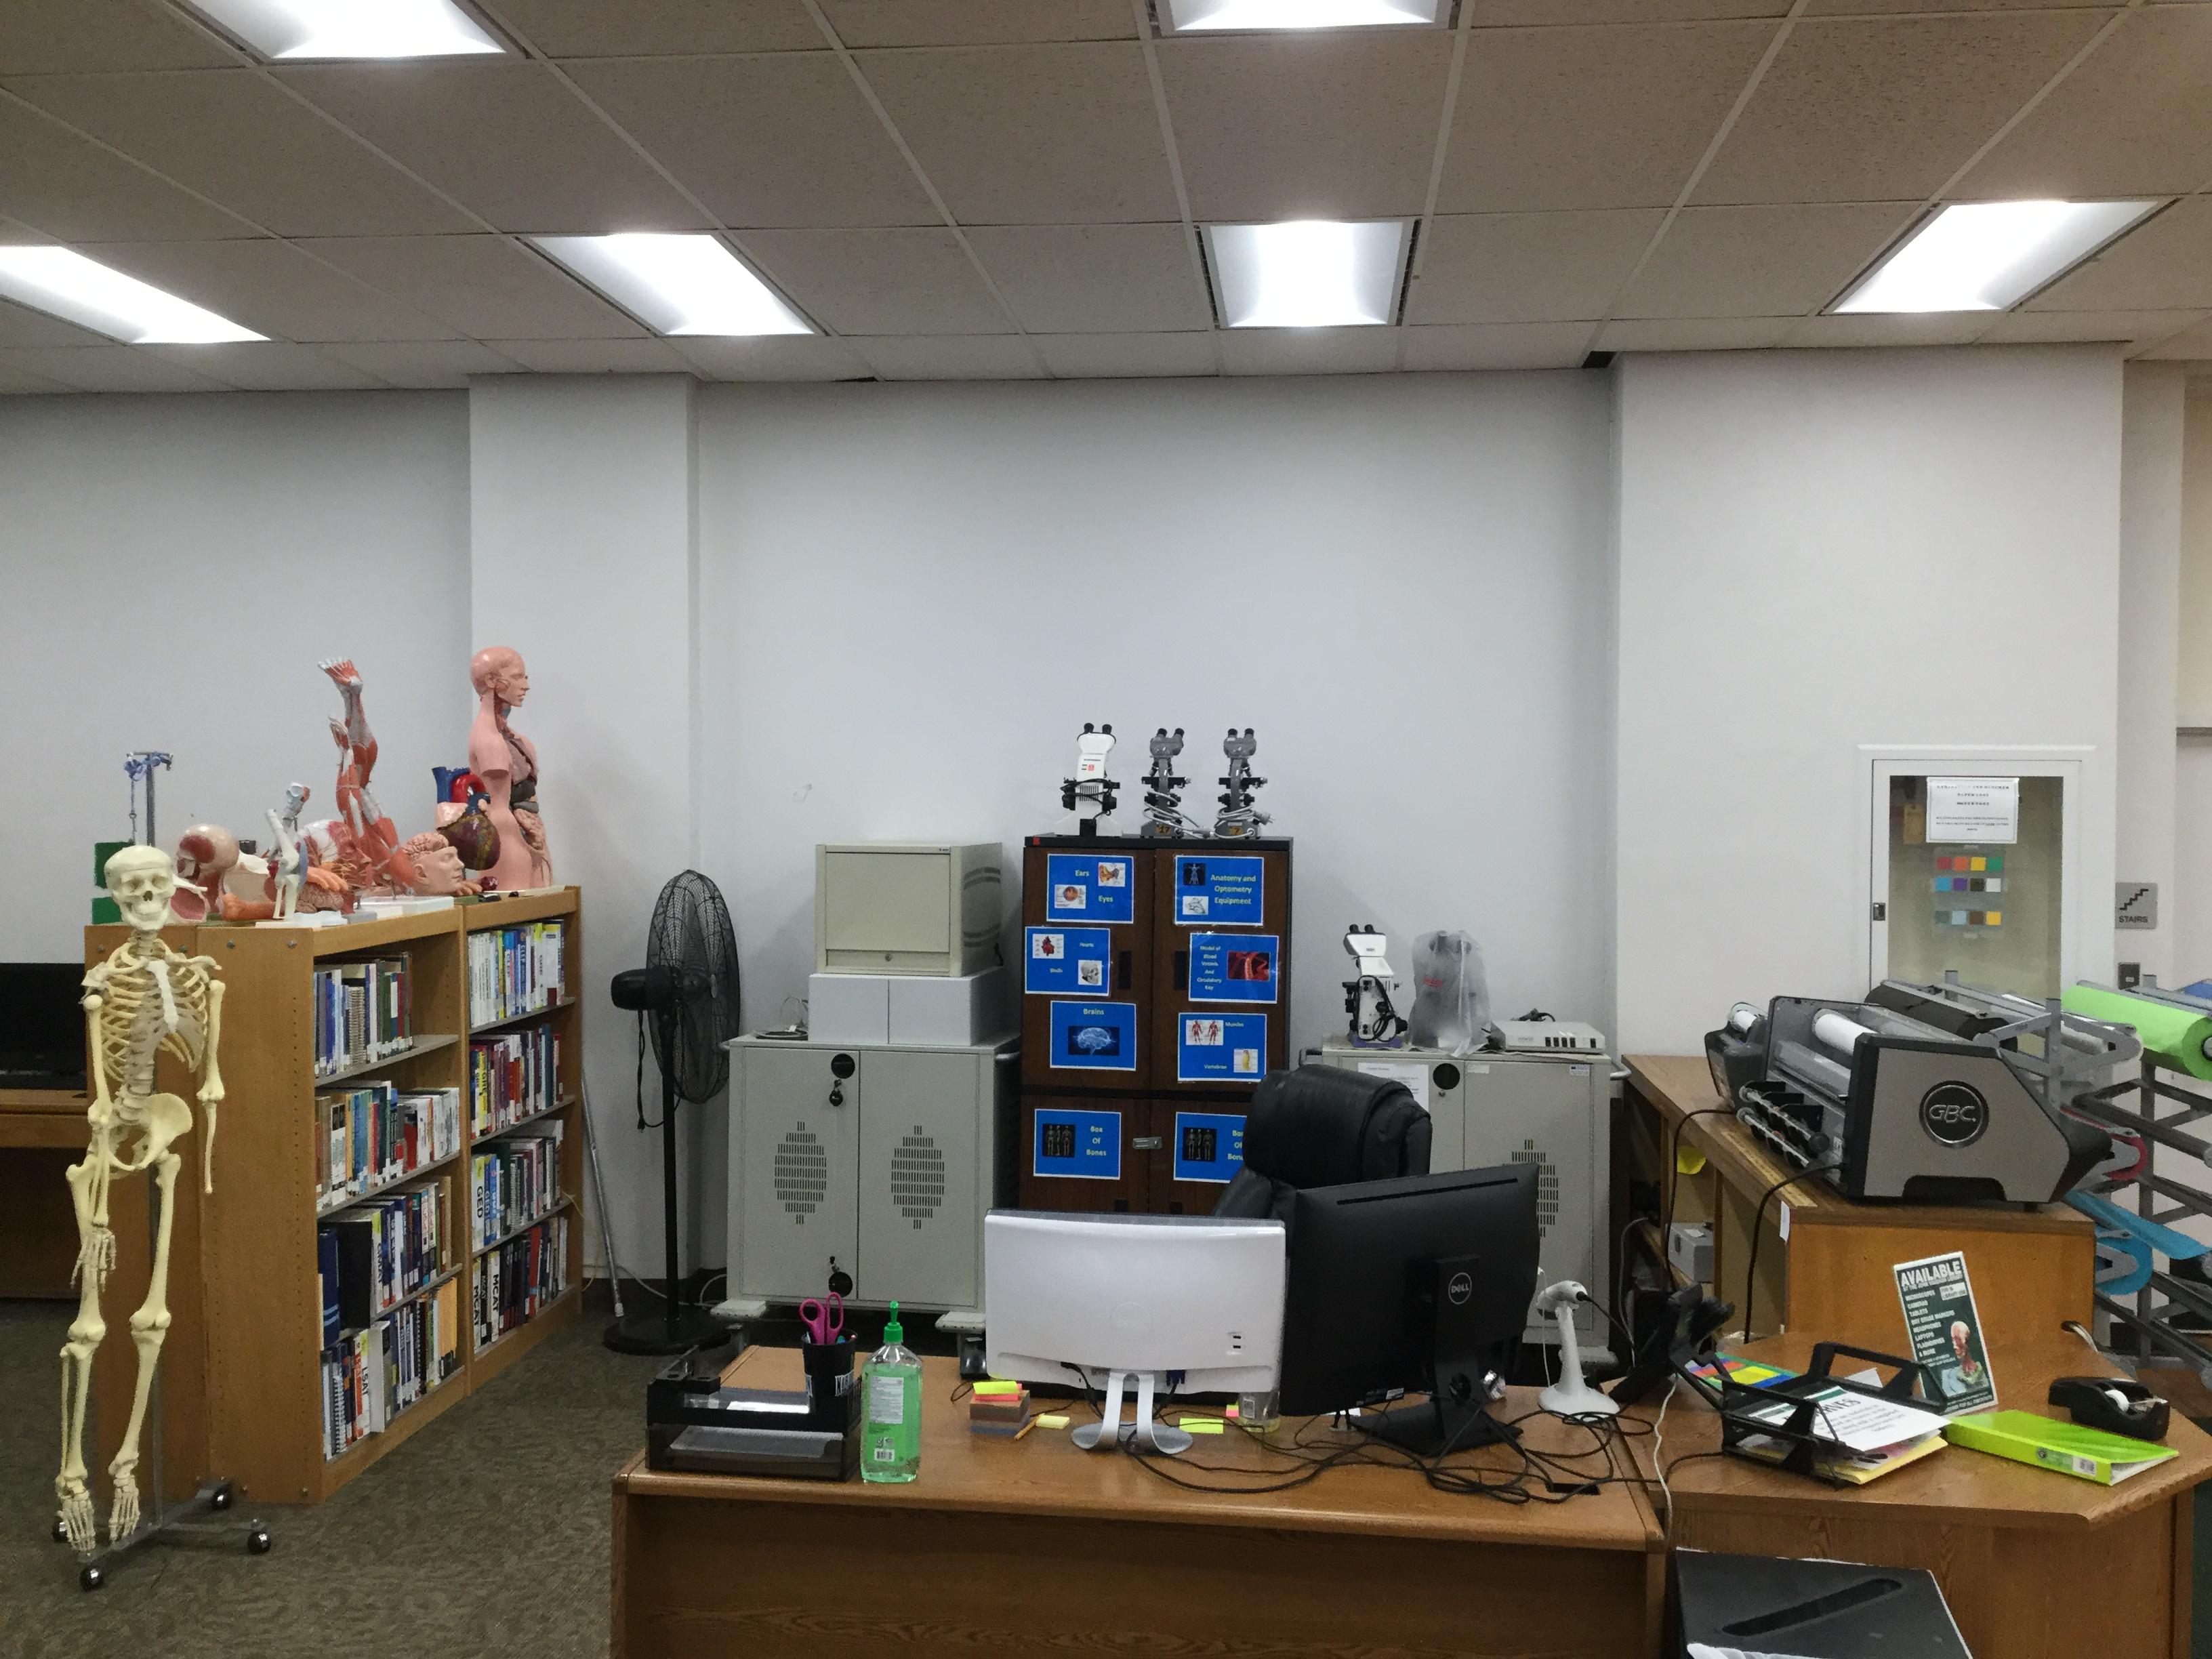 Reserve Desk, 1st Floor of the John Vaughan Library